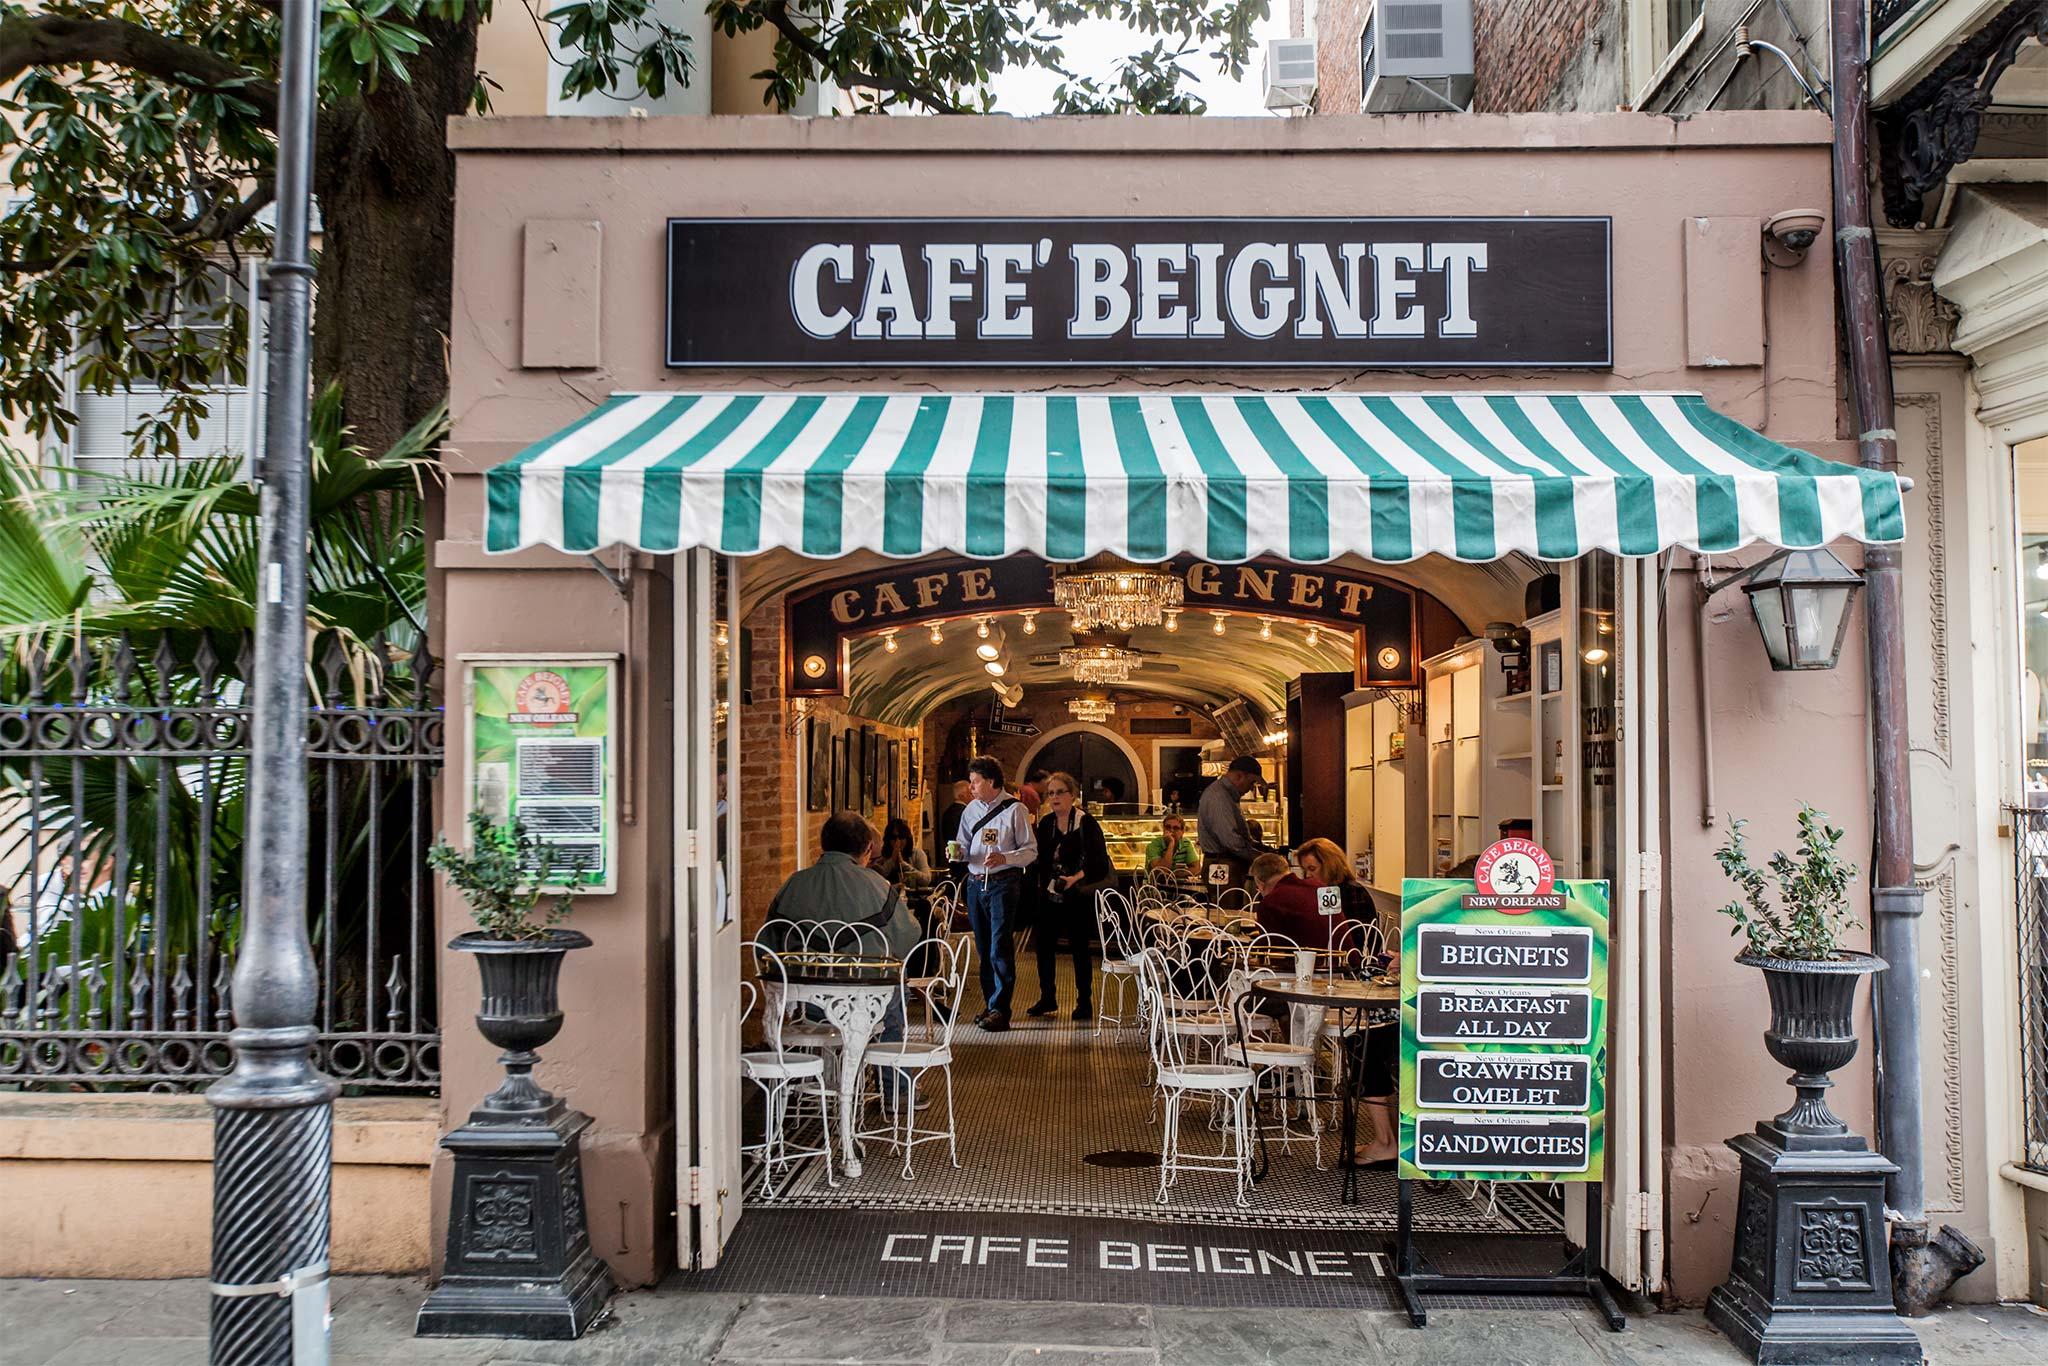 Cafe Beignet Exterior